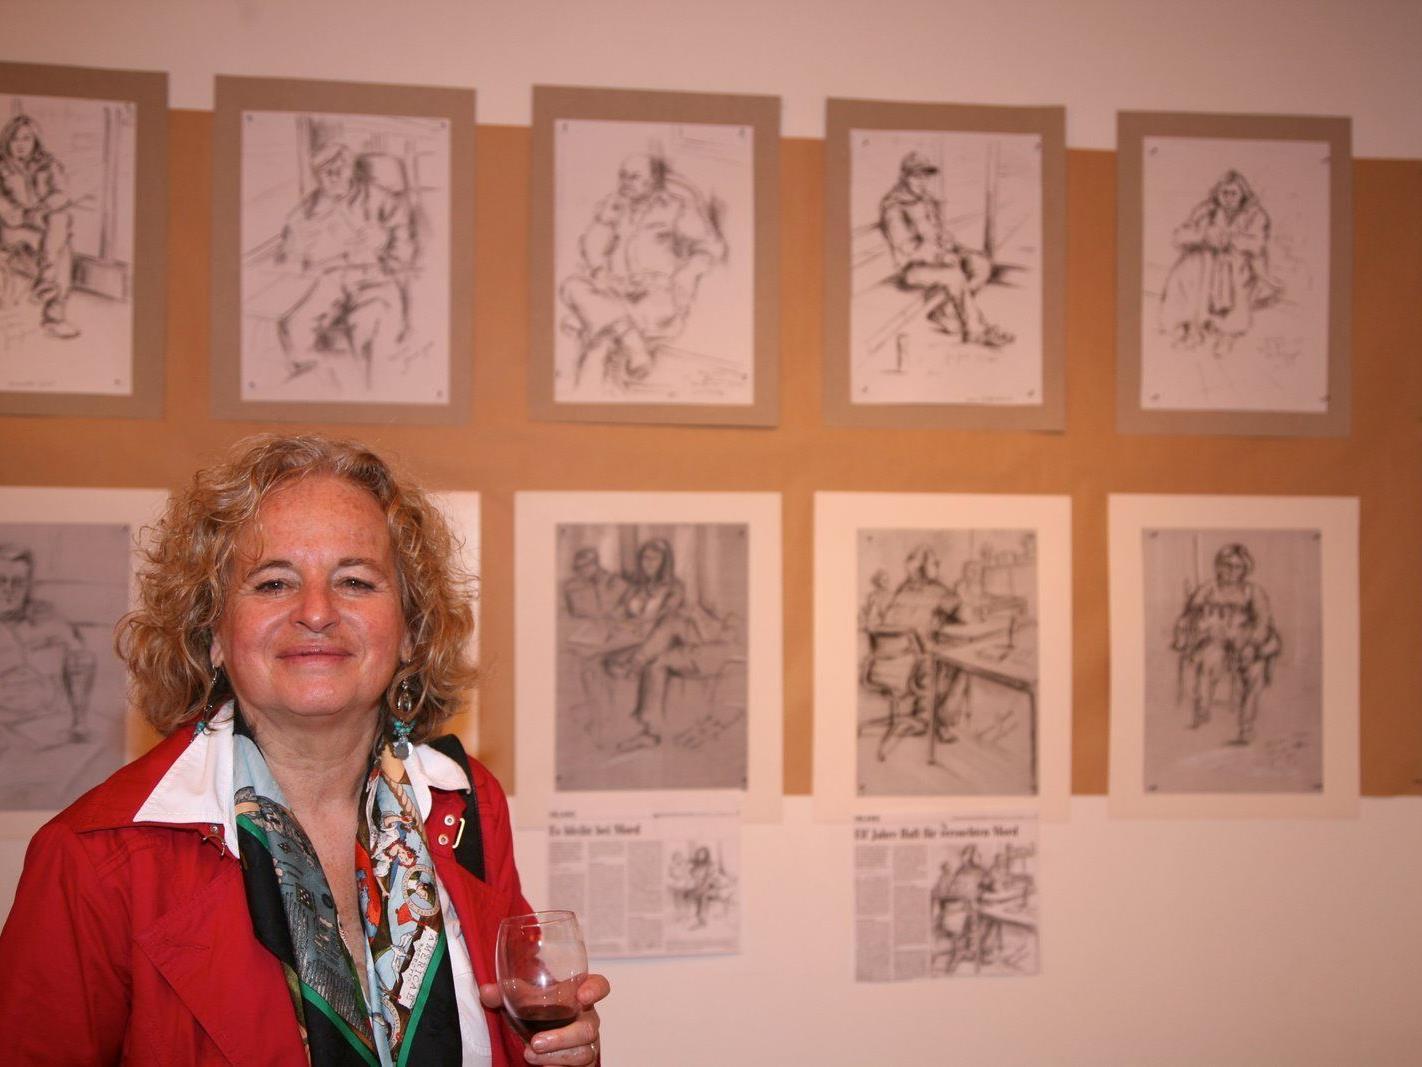 Künstlerin Giovanna Gould stellt in Liechtenstein aus.